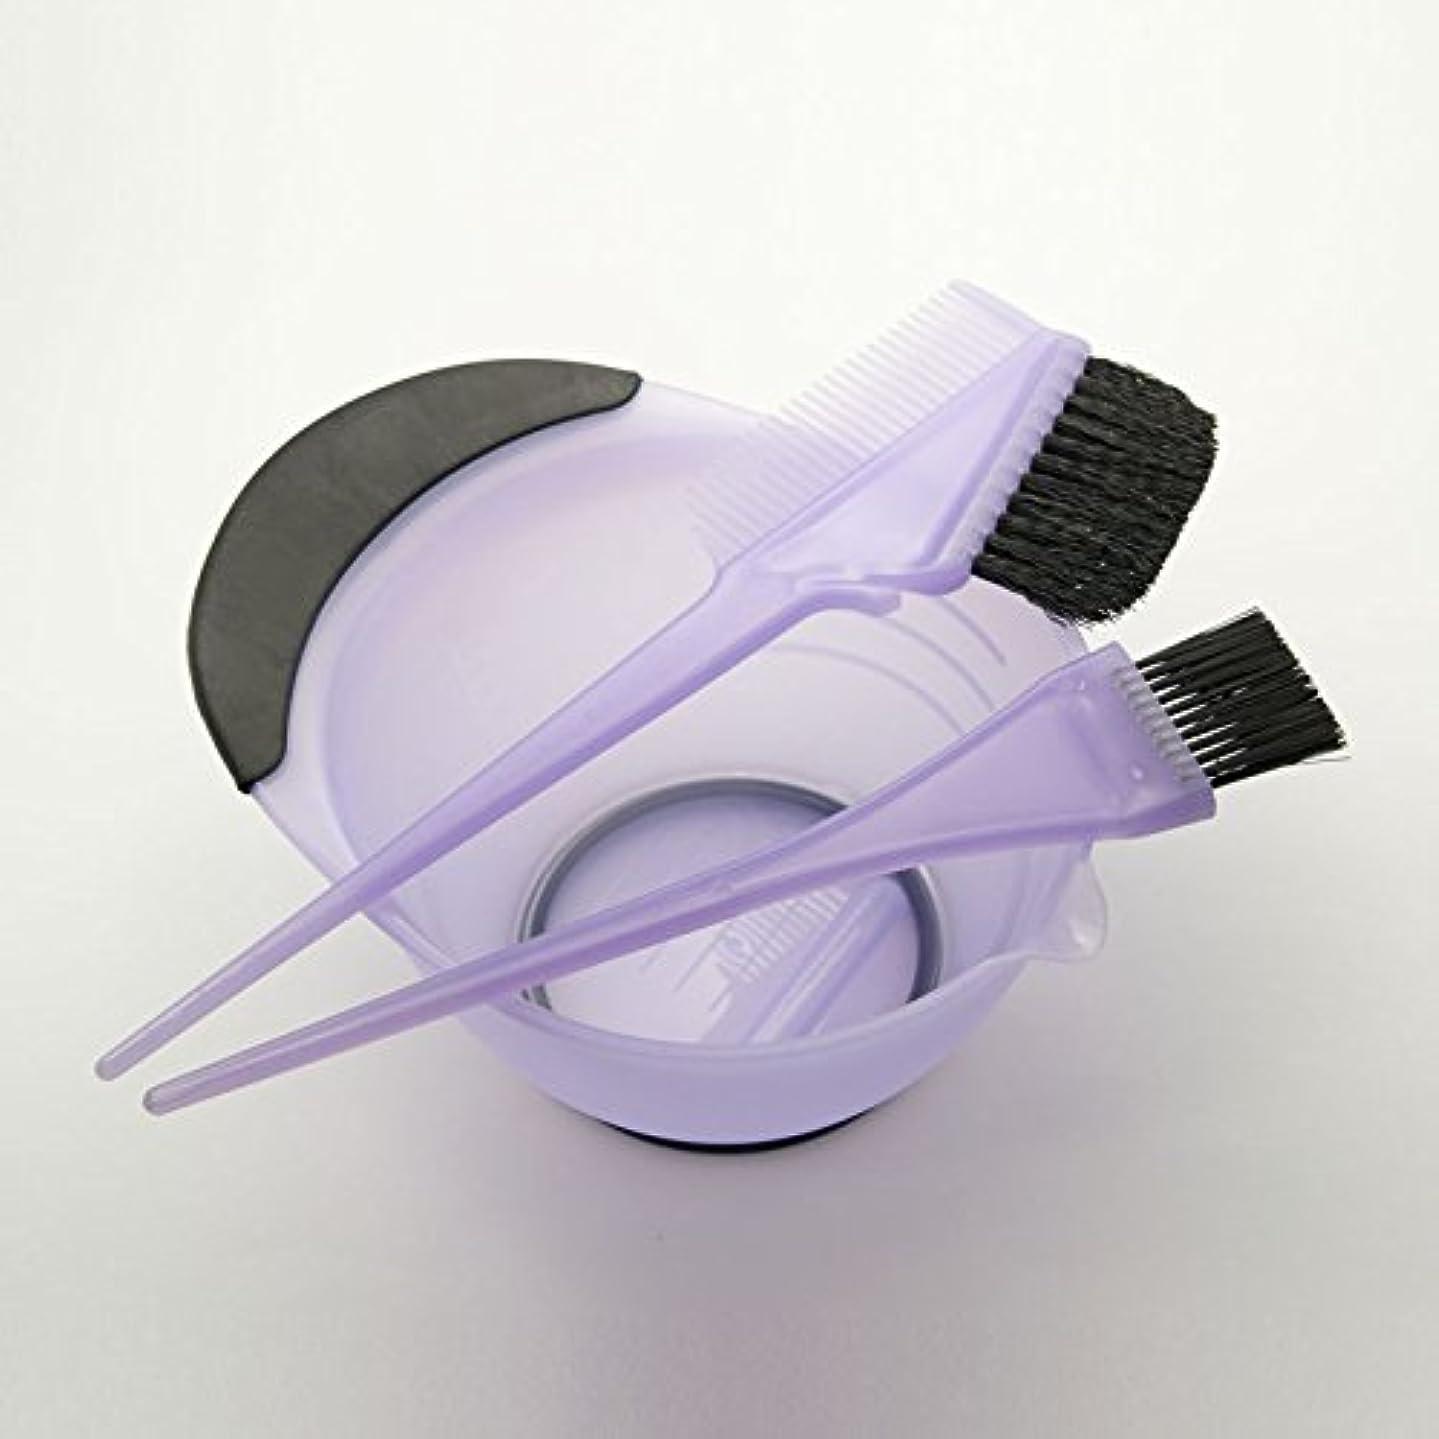 反乱戻すクアッガDEEDS E-0003 プロ用 ヘアカラーセット ラベンダー ヘアカラー カップ ブラシ セット